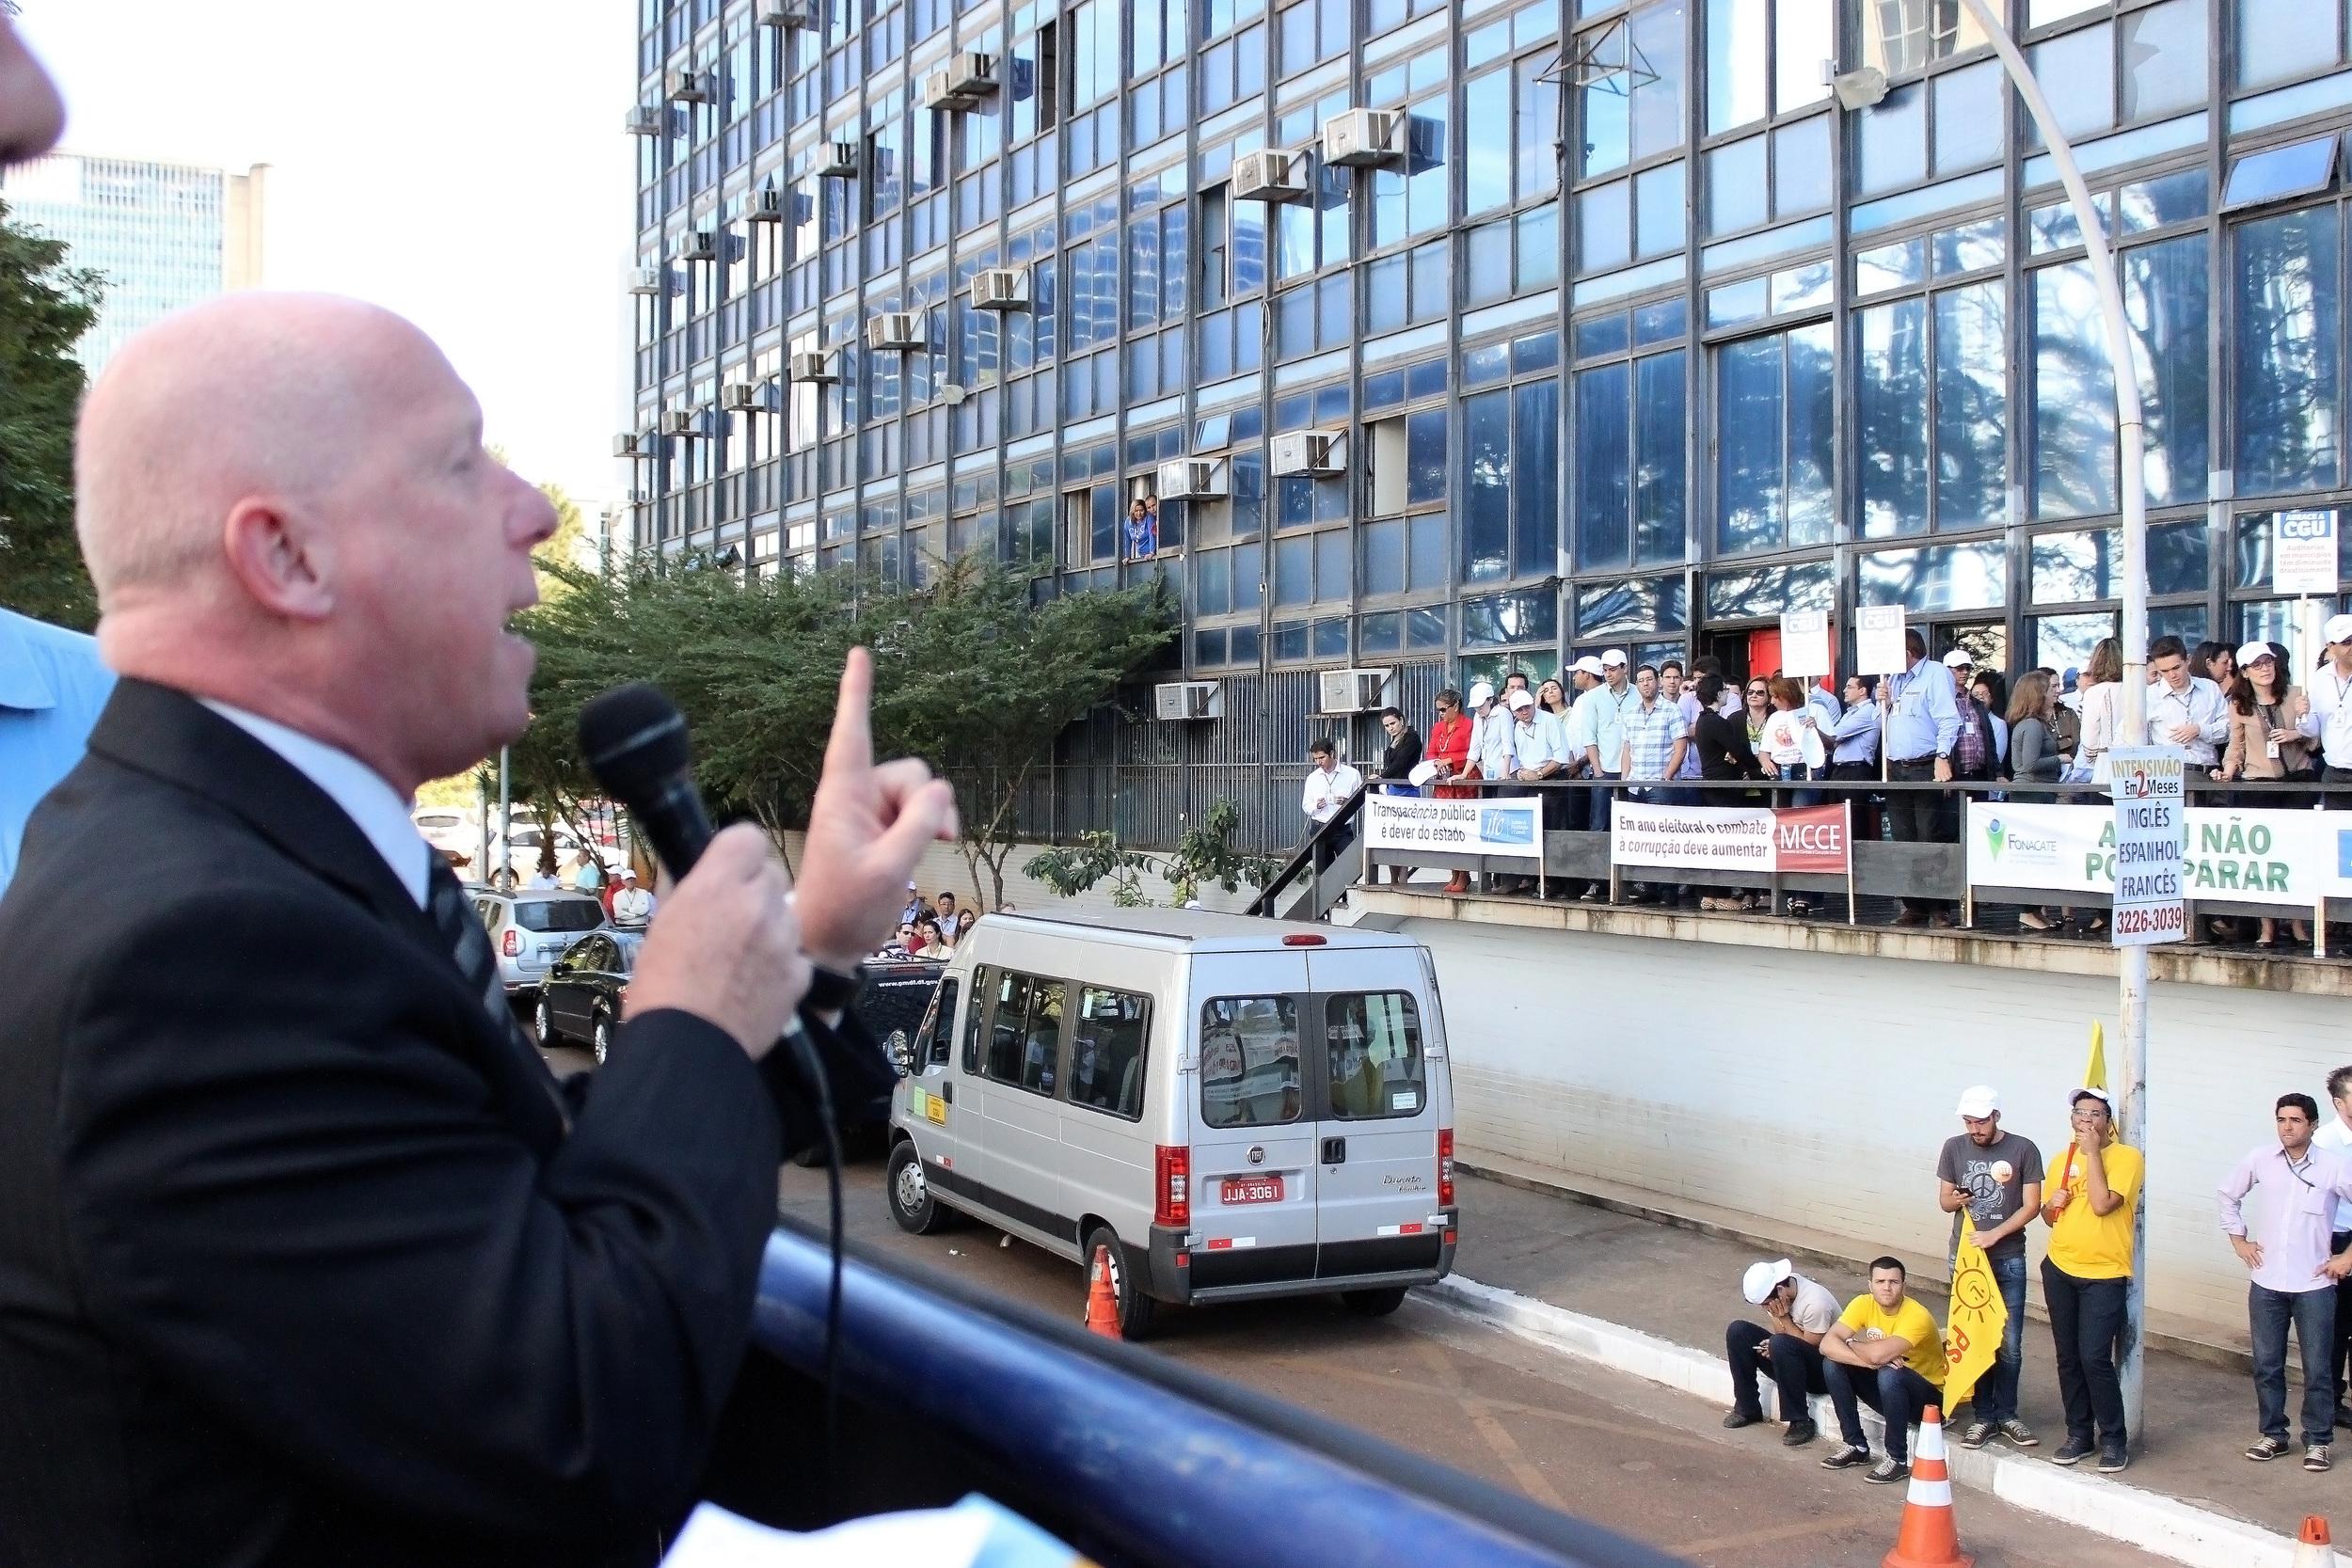 """O presidente do Fonacate, Roberto Kupski, que participou também de toda a mobilização, afirmou que o ato vem ao encontro dos anseios da sociedade, """"que reclama o combate à corrupção e a fiscalização do dinheiro público"""". Foto: Divulgação / Fonacate"""